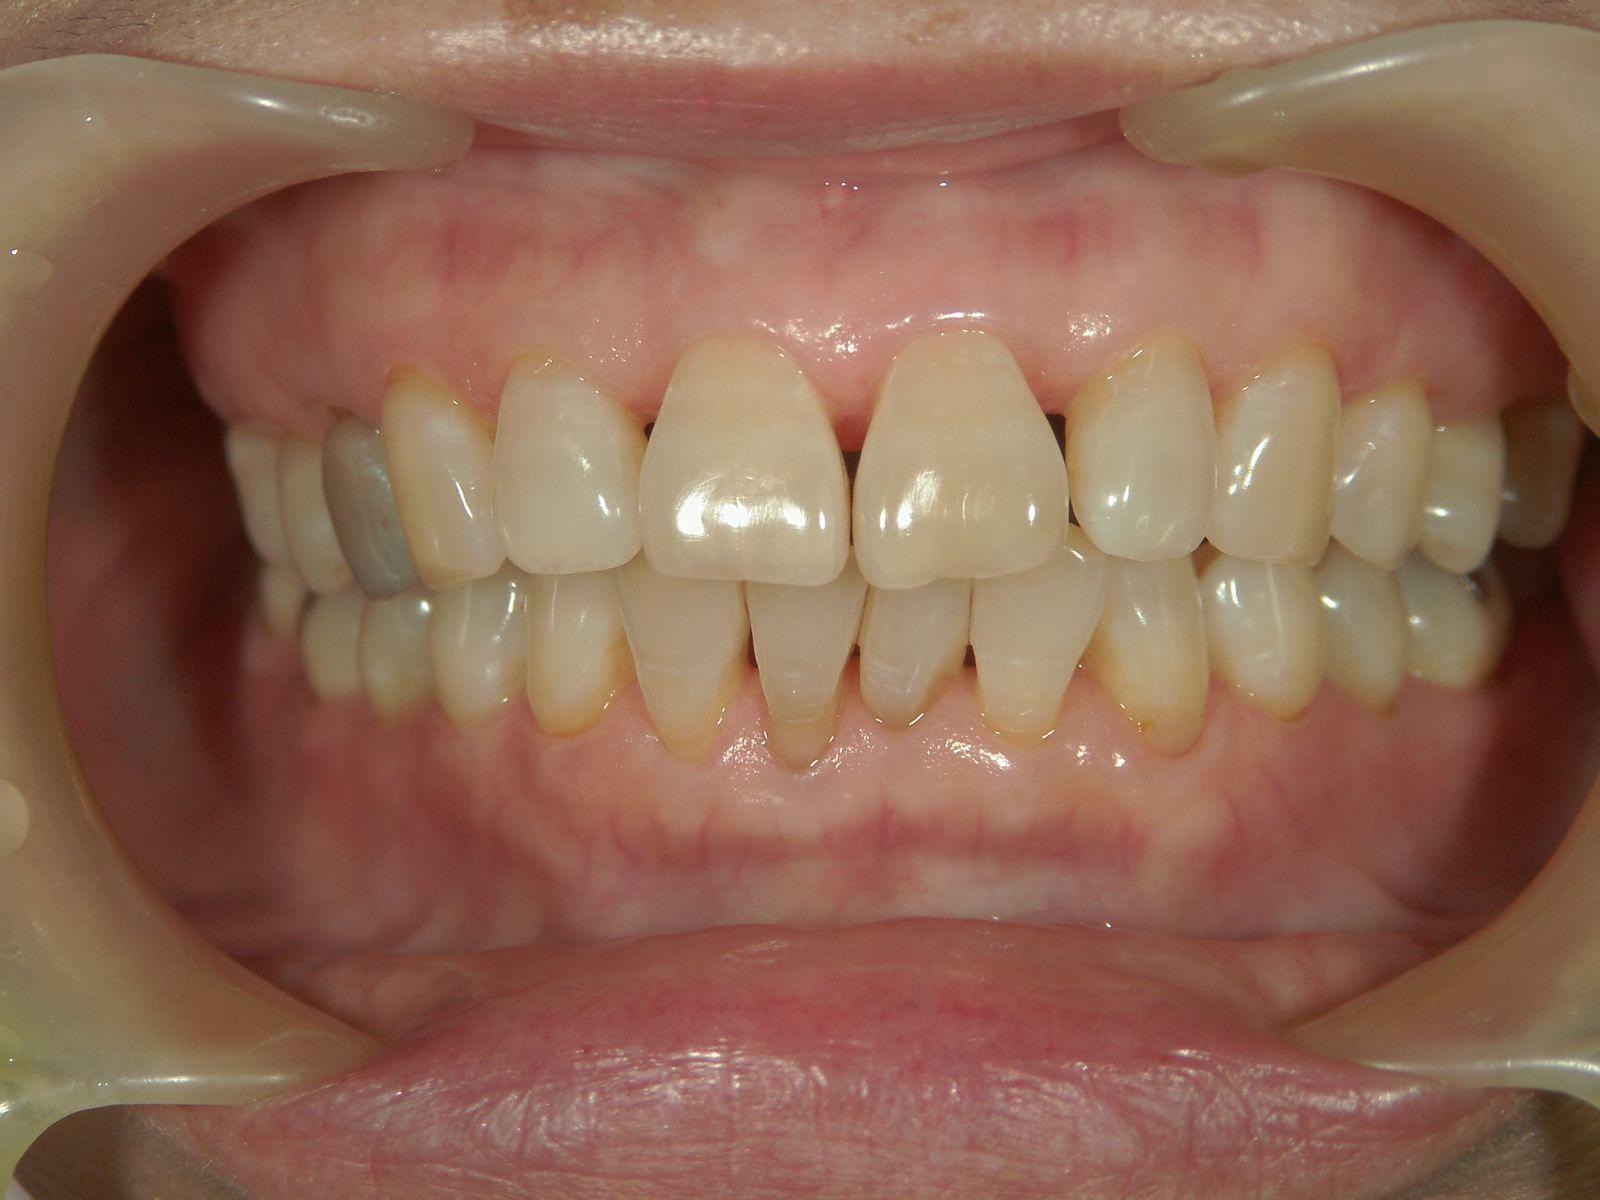 遺伝だけでは歯は悪くはならない、という事・・・。予防歯科再考。_b0119466_00163929.jpg